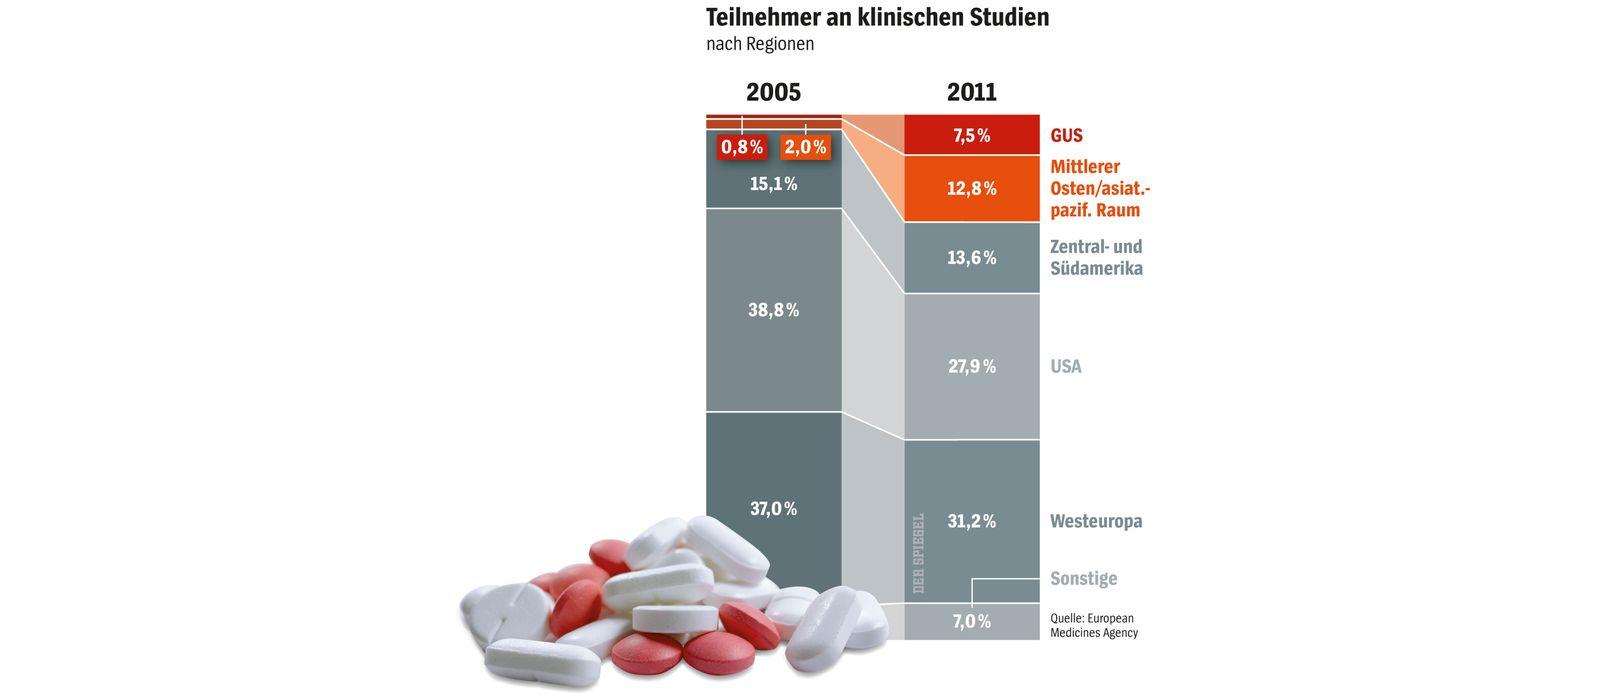 SPIEGEL-Grafik Klinische Studien SPIEGEL 51/2014